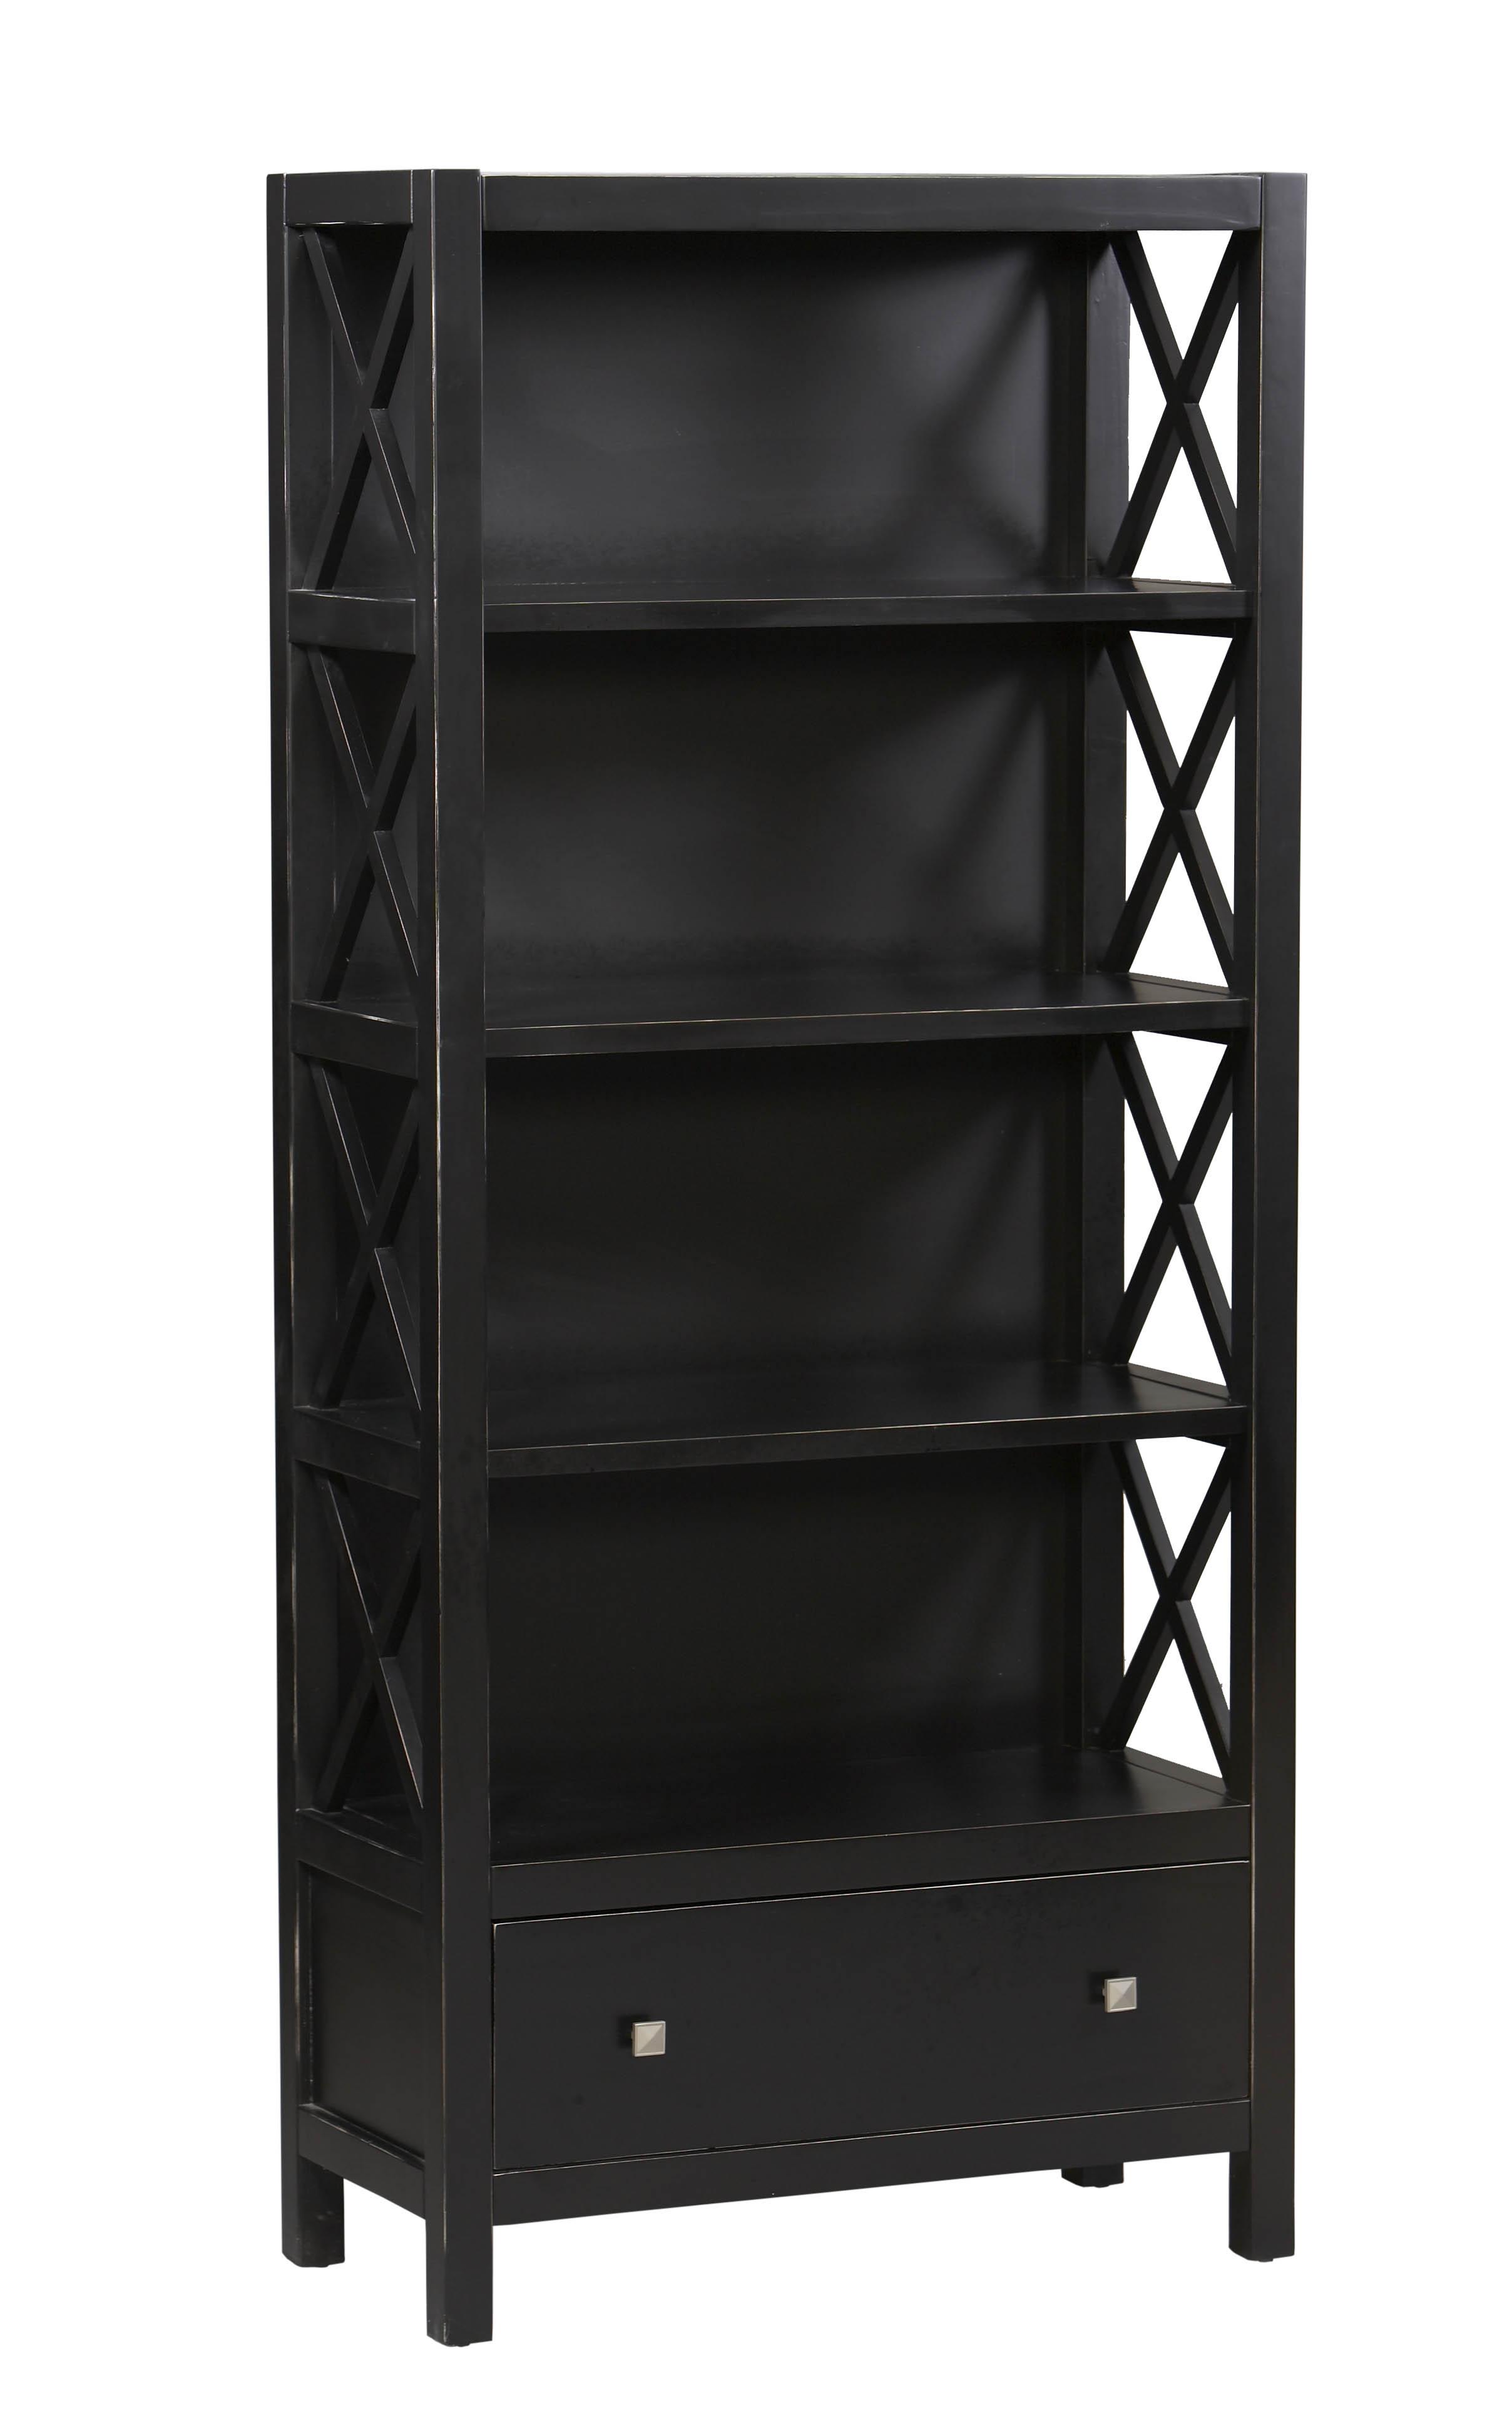 anna tall bookcase magnifier YGSBVYW